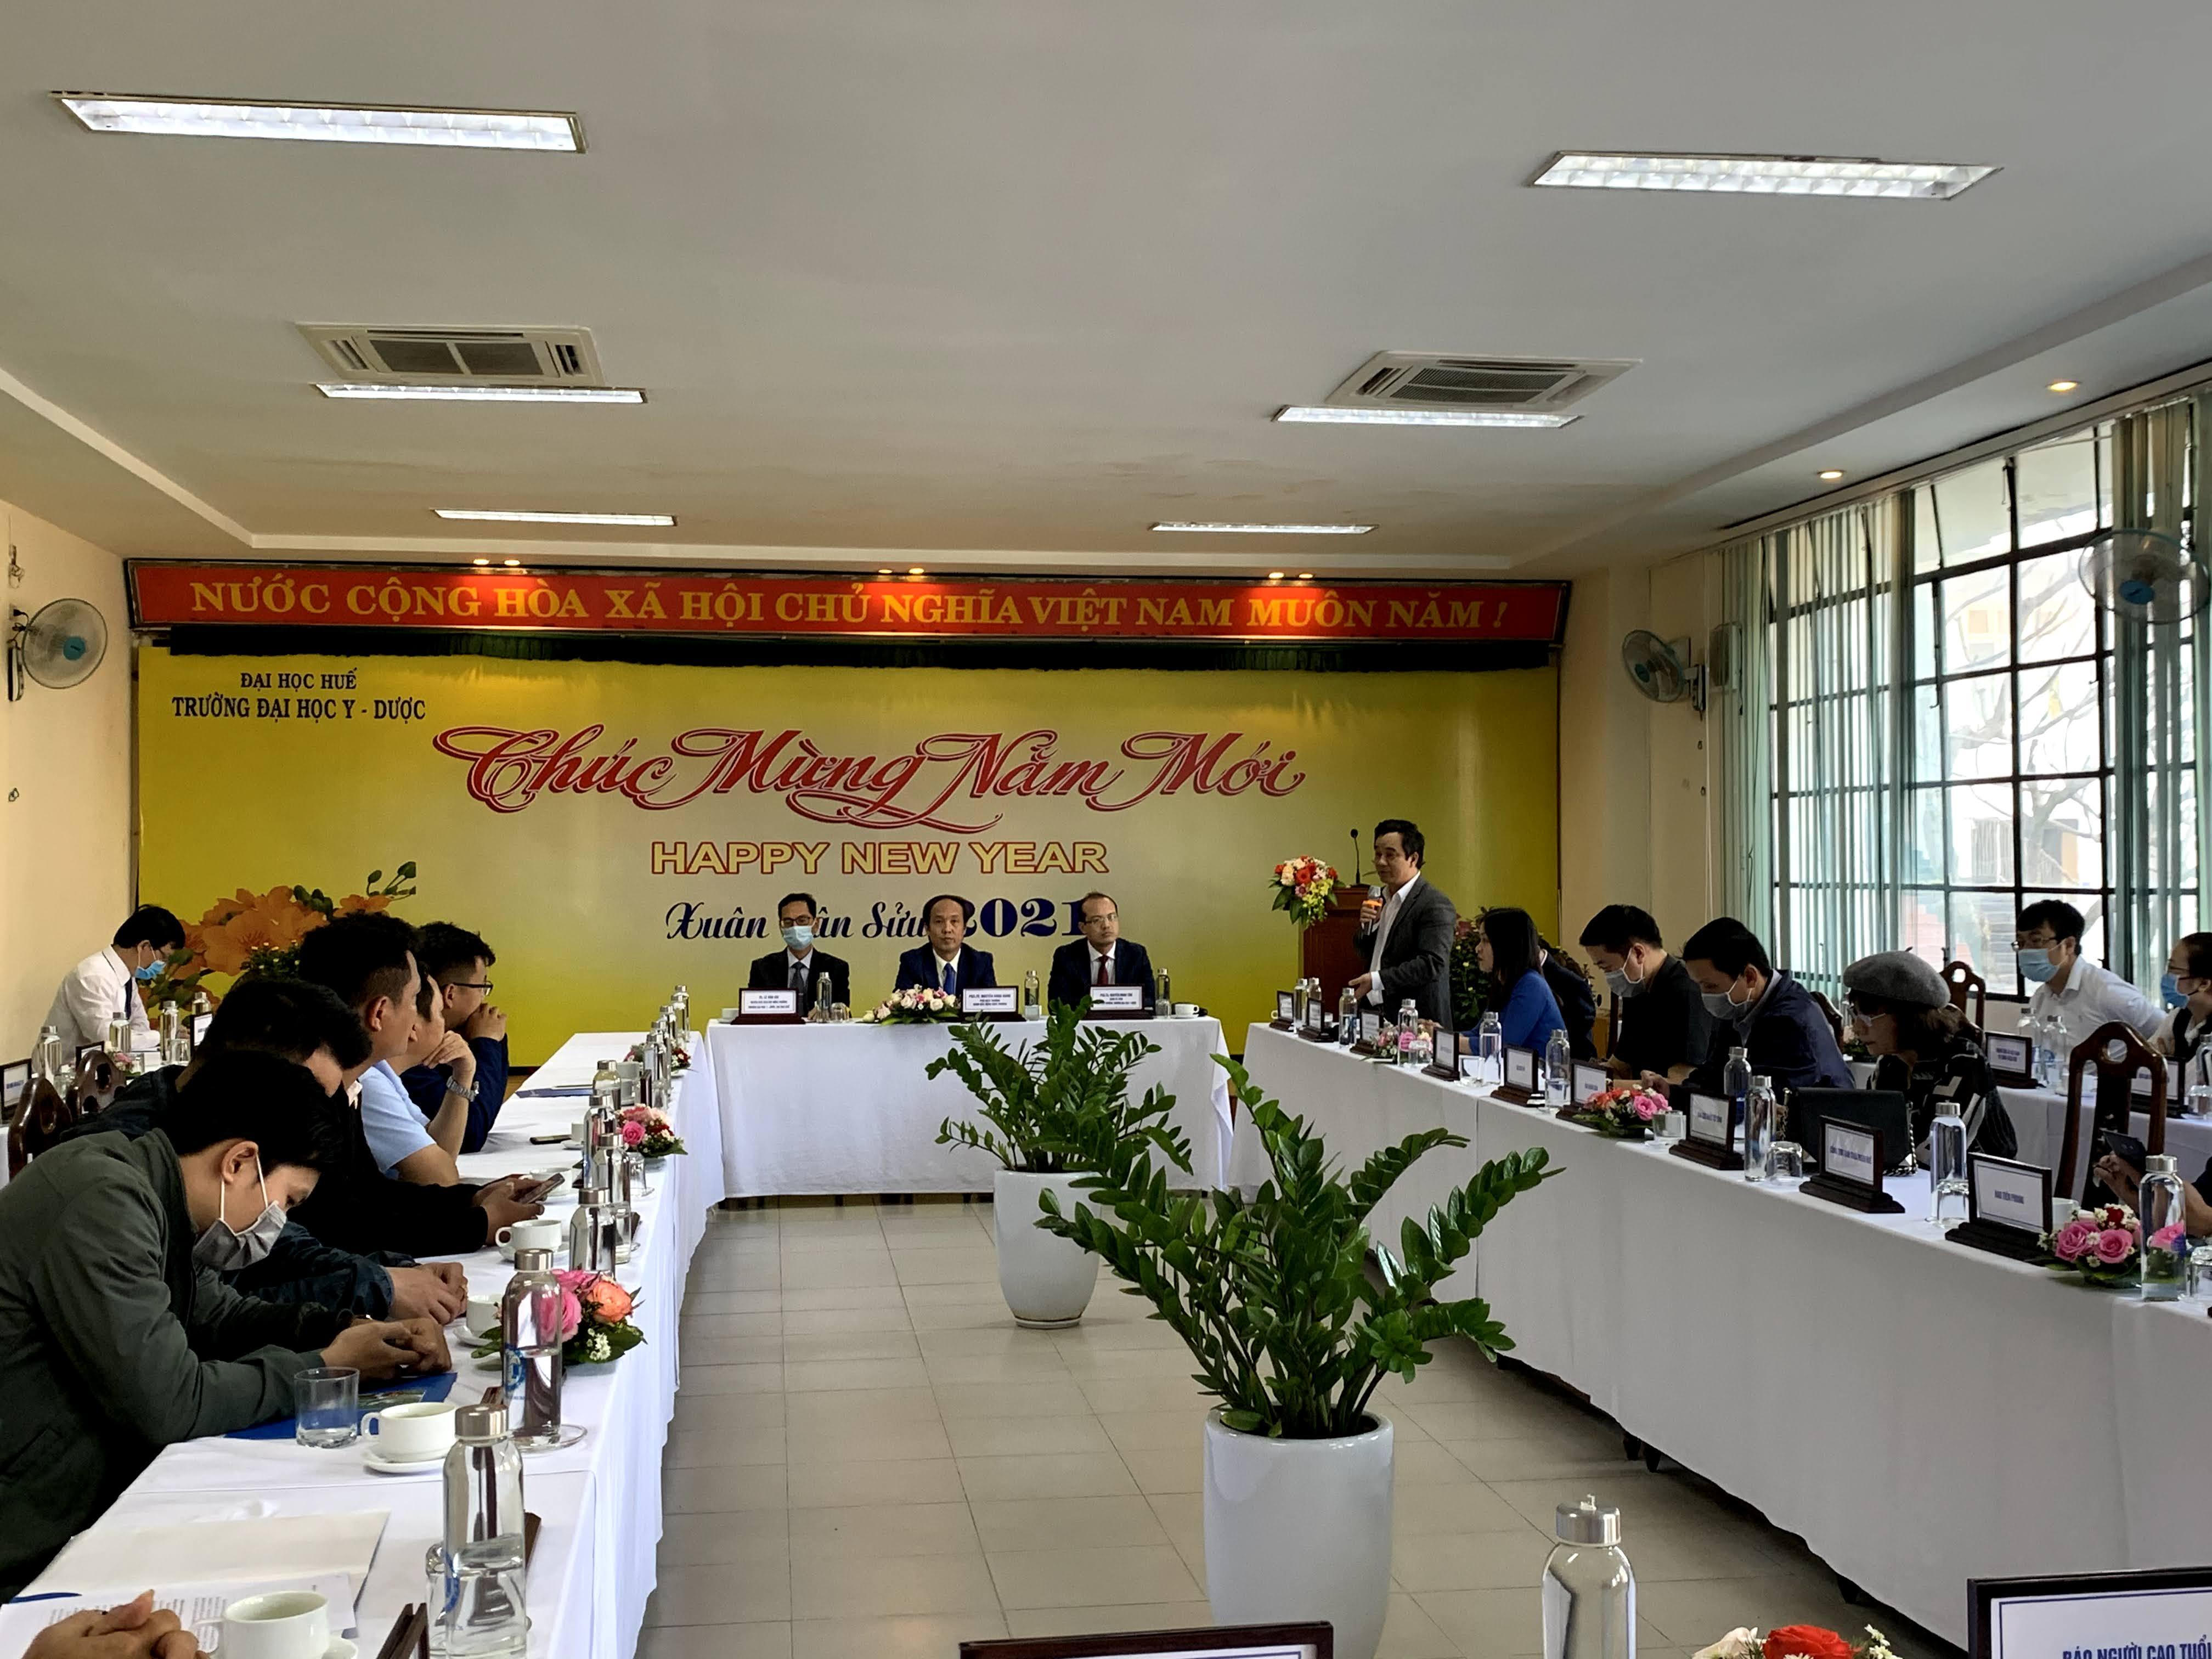 Trường Đại học Y – Dược Huế gặp mặt báo chí trên địa bàn tỉnh Thừa Thiên Huế nhân dịp Xuân Tân Sửu 2021